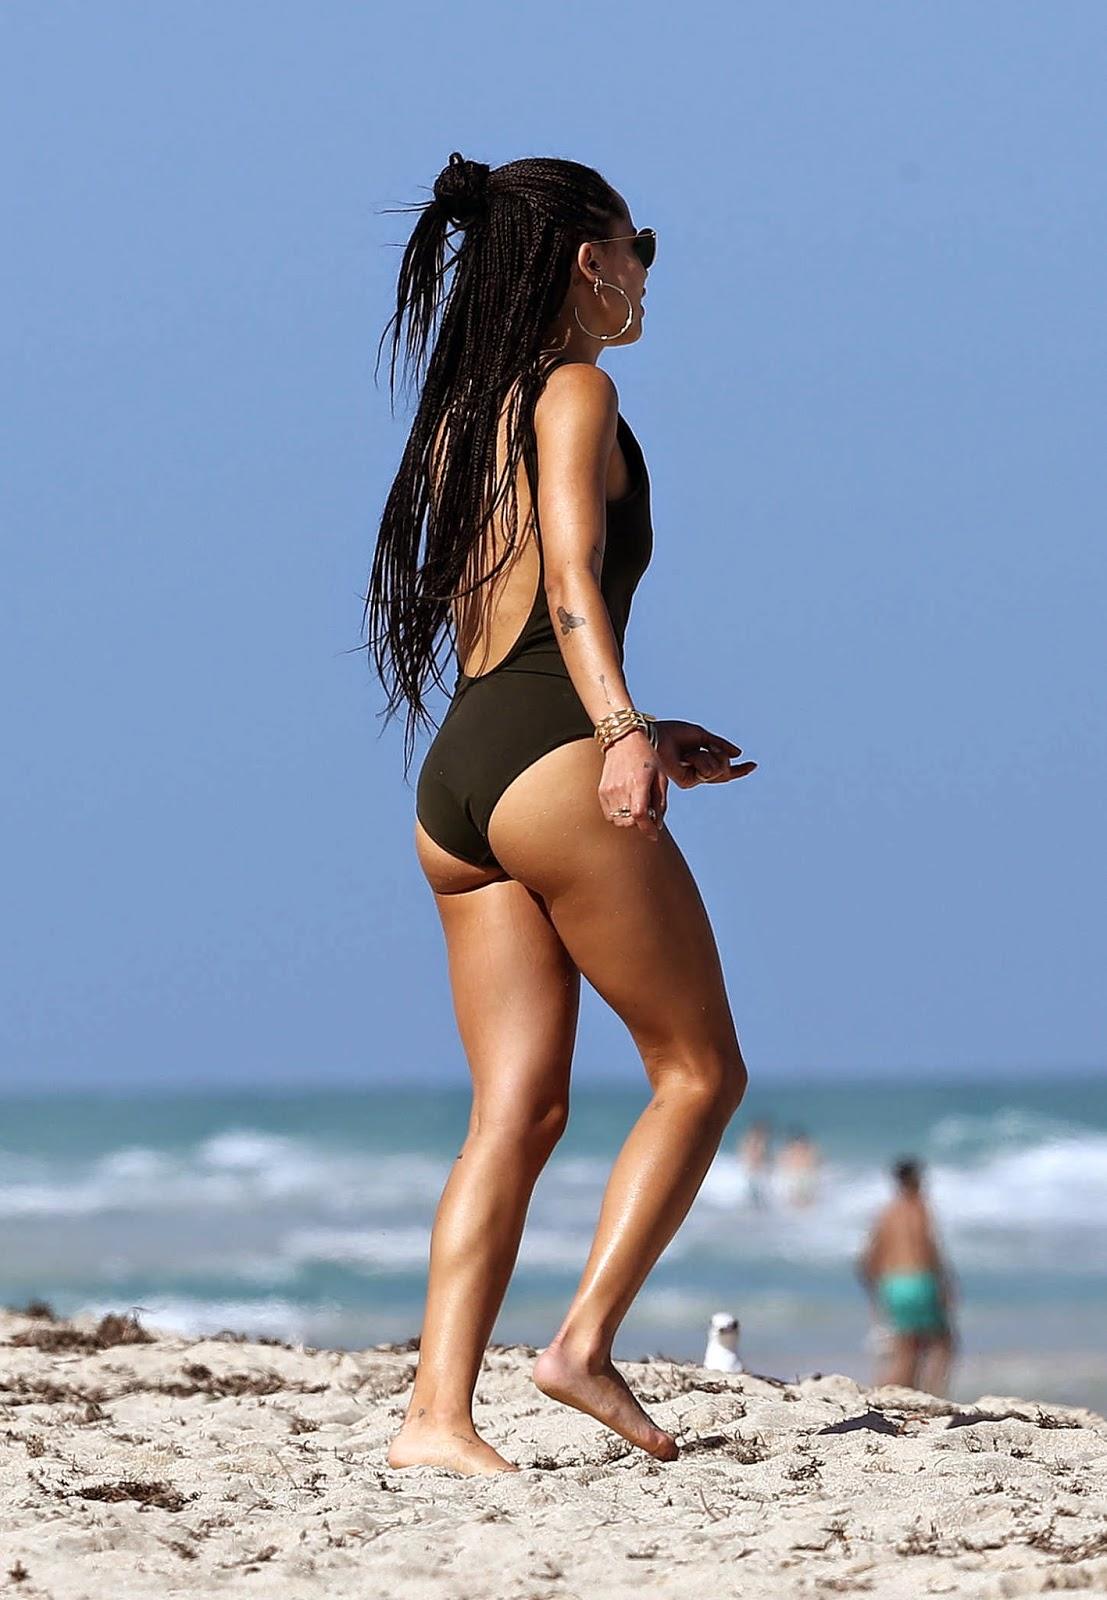 Zoe Kravitz flaunts pert derriere in a black swimsuit in Miami